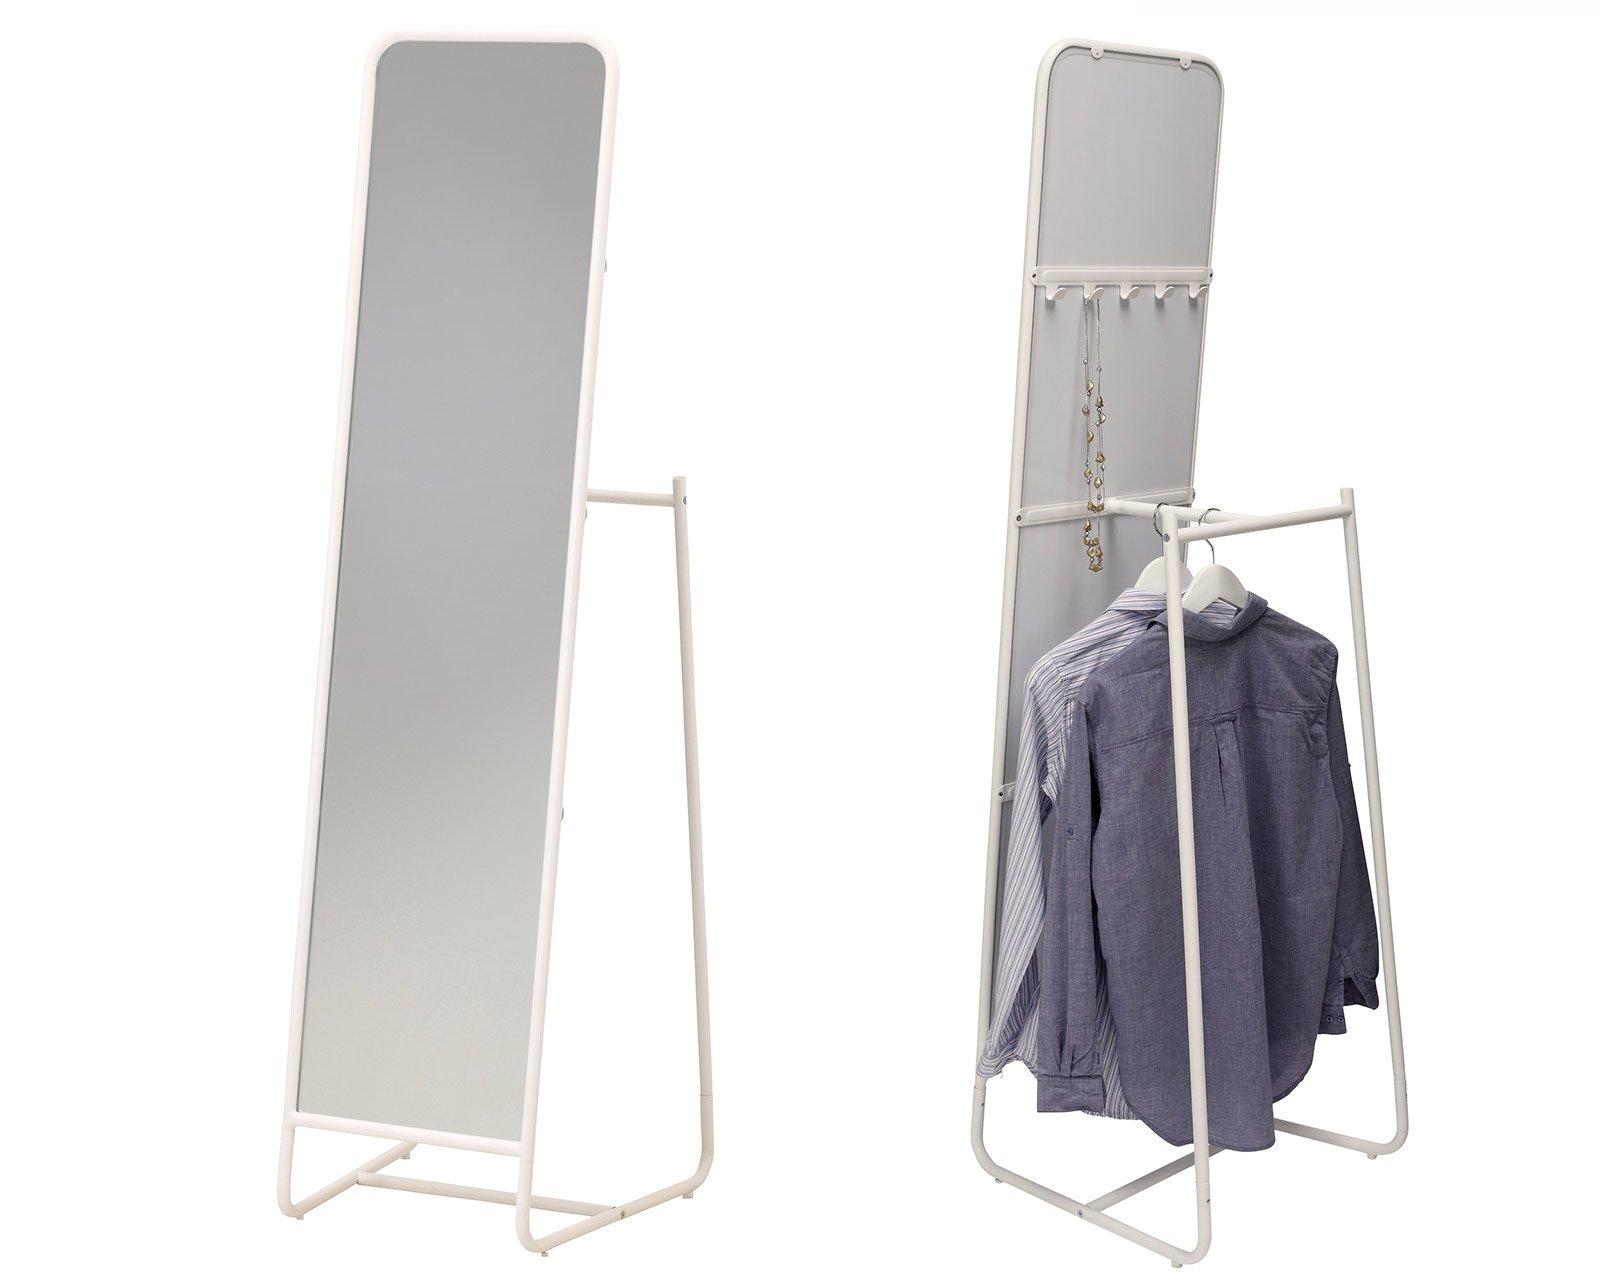 Specchi questione di riflessi cose di casa for Specchio da terra ikea